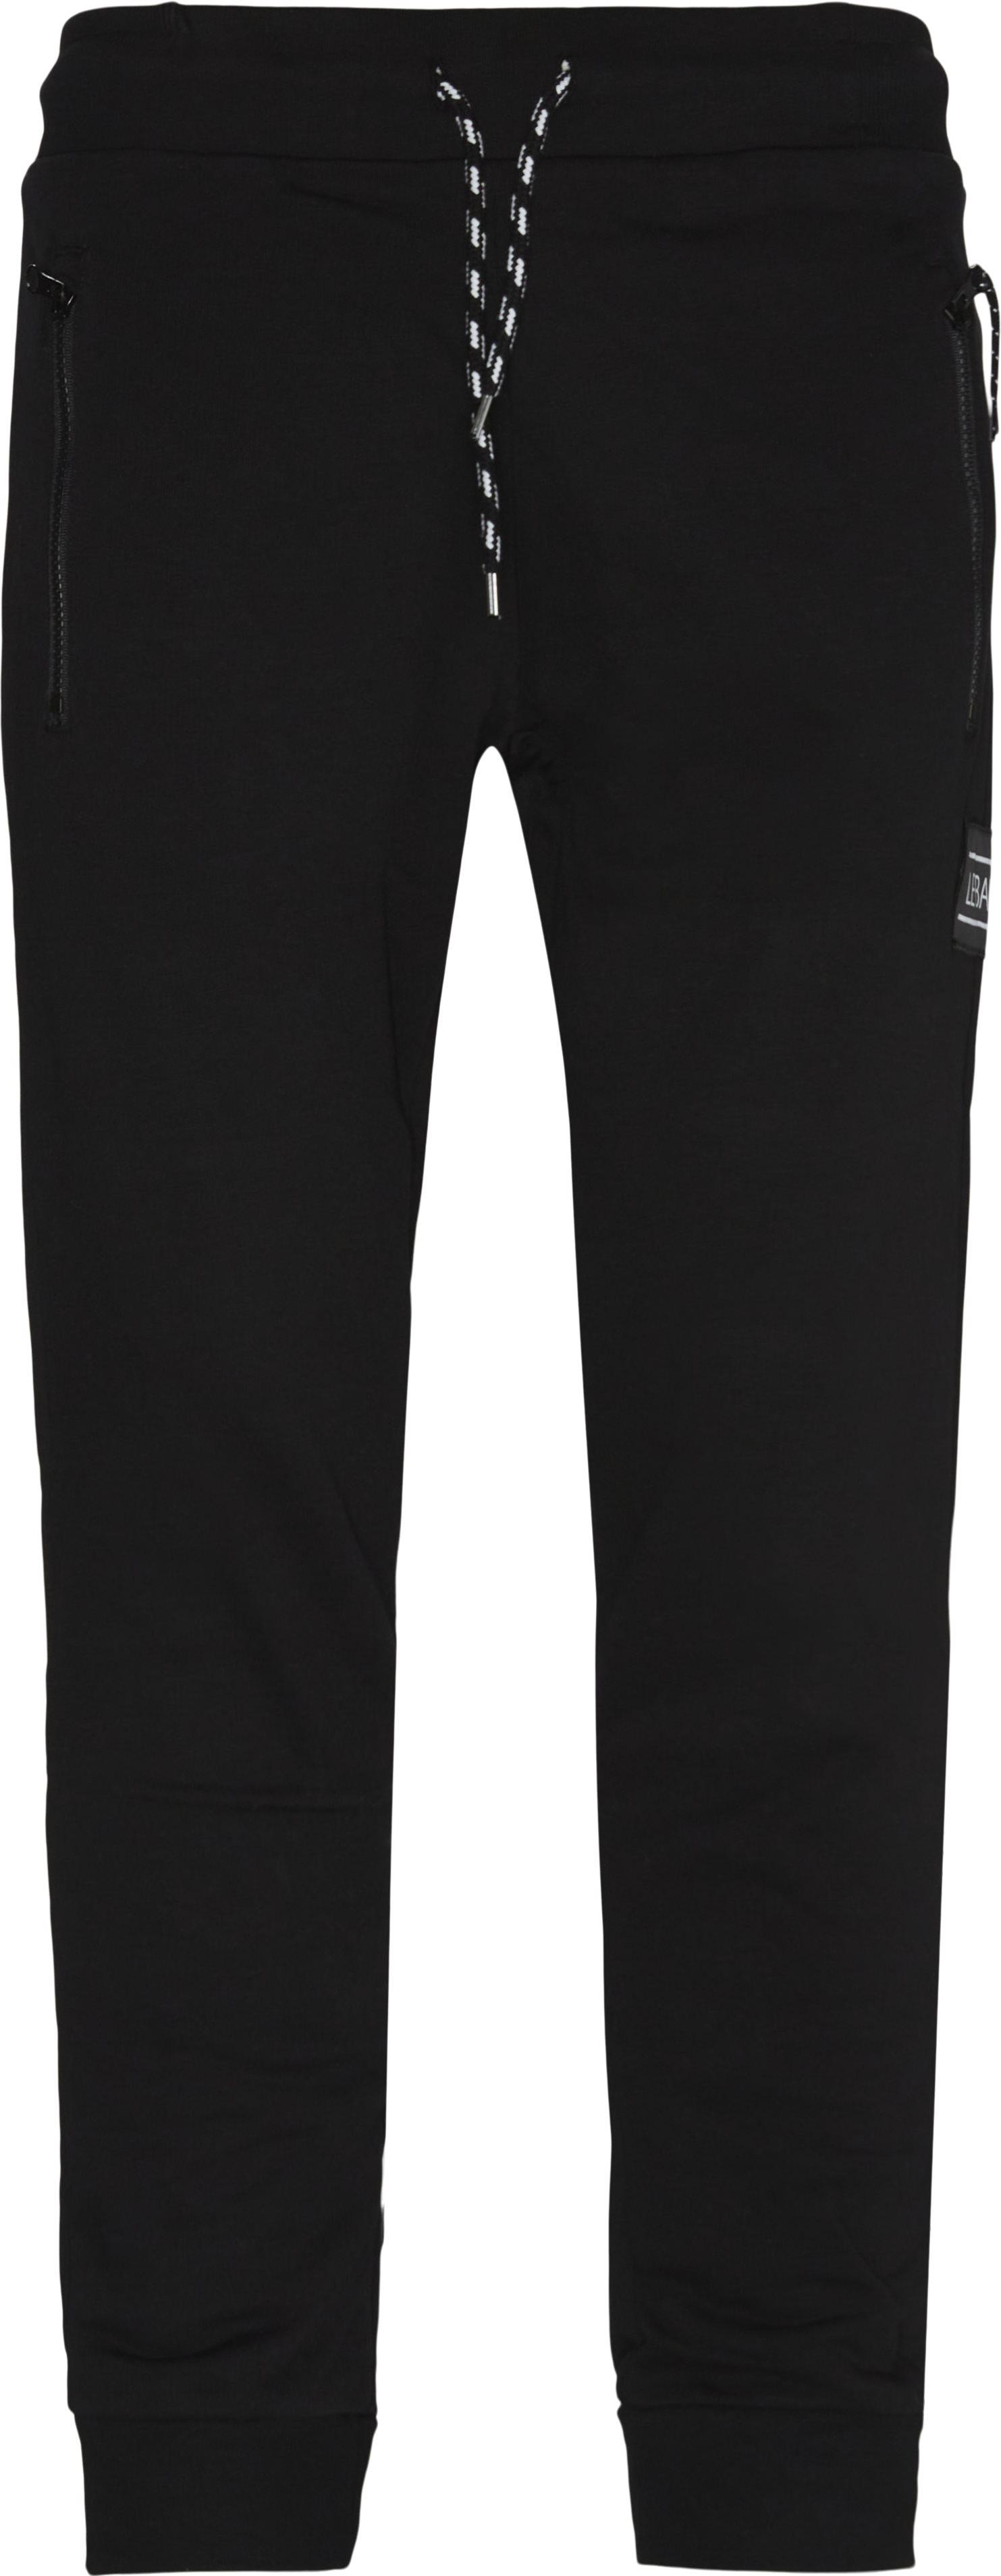 Haute Sweatpant - Bukser - Tapered fit - Sort